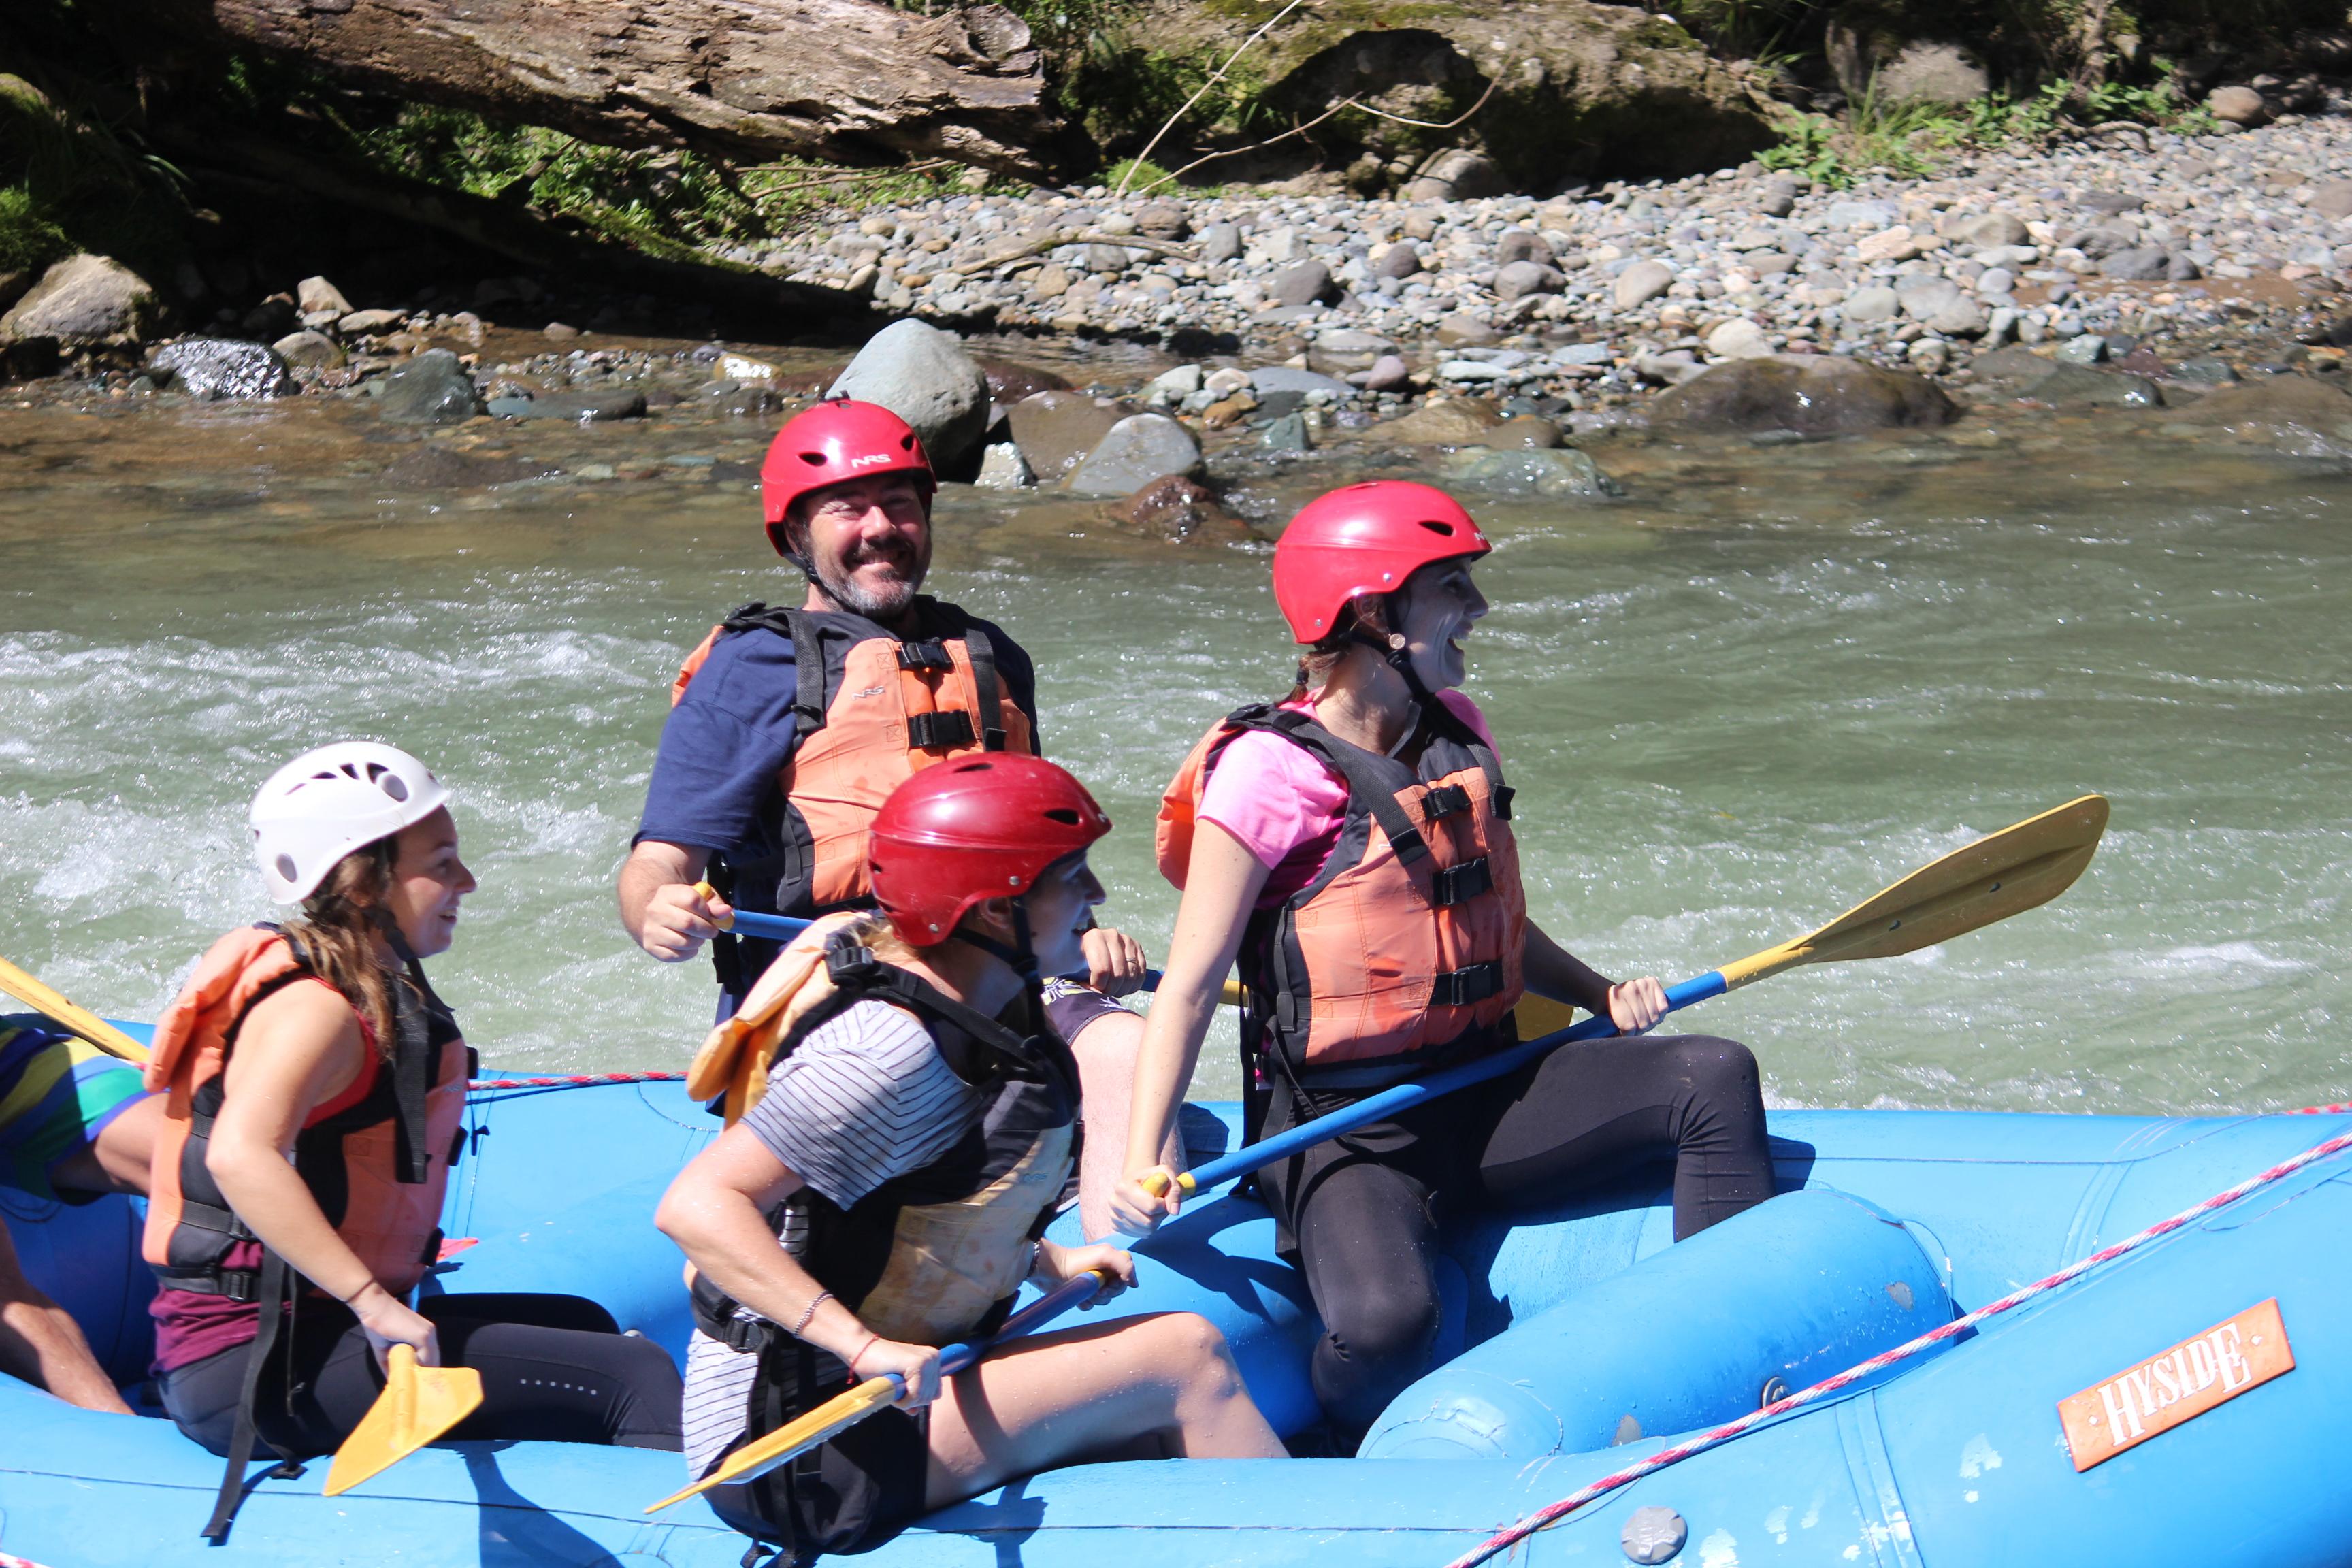 fraîcheur, adrenaline et sensations au programme dans les eaux vives du rio Pacuare